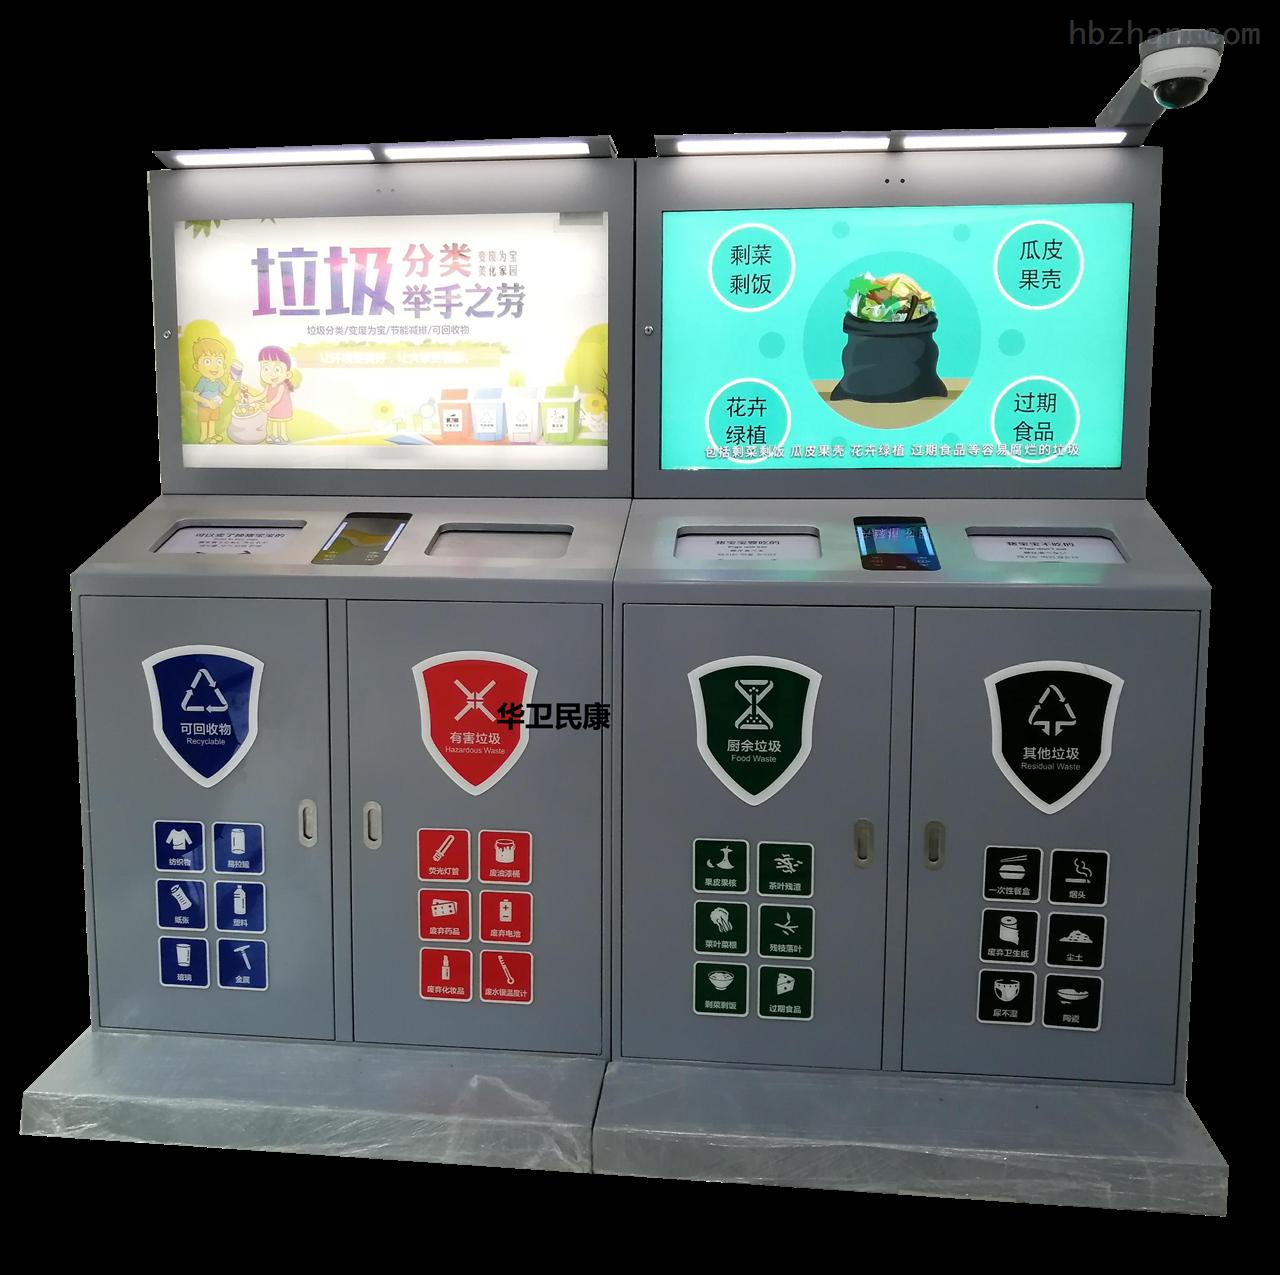 垃圾分类智慧导投数字化收运系统